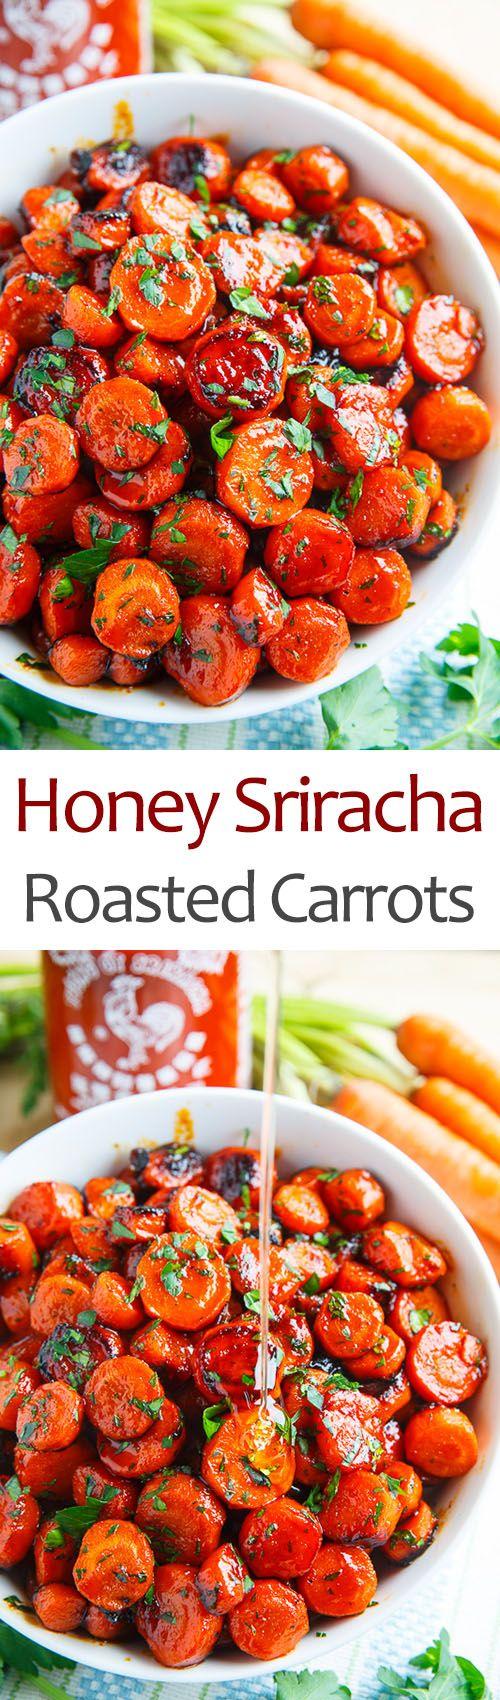 Honey Sriracha Roasted Carrots ~ via  www.closetcooking.com/2016/03/honey-sriracha-roasted-carrots. html?utm_source=newsletter&ut m_medium=email&utm_campaign=20160324